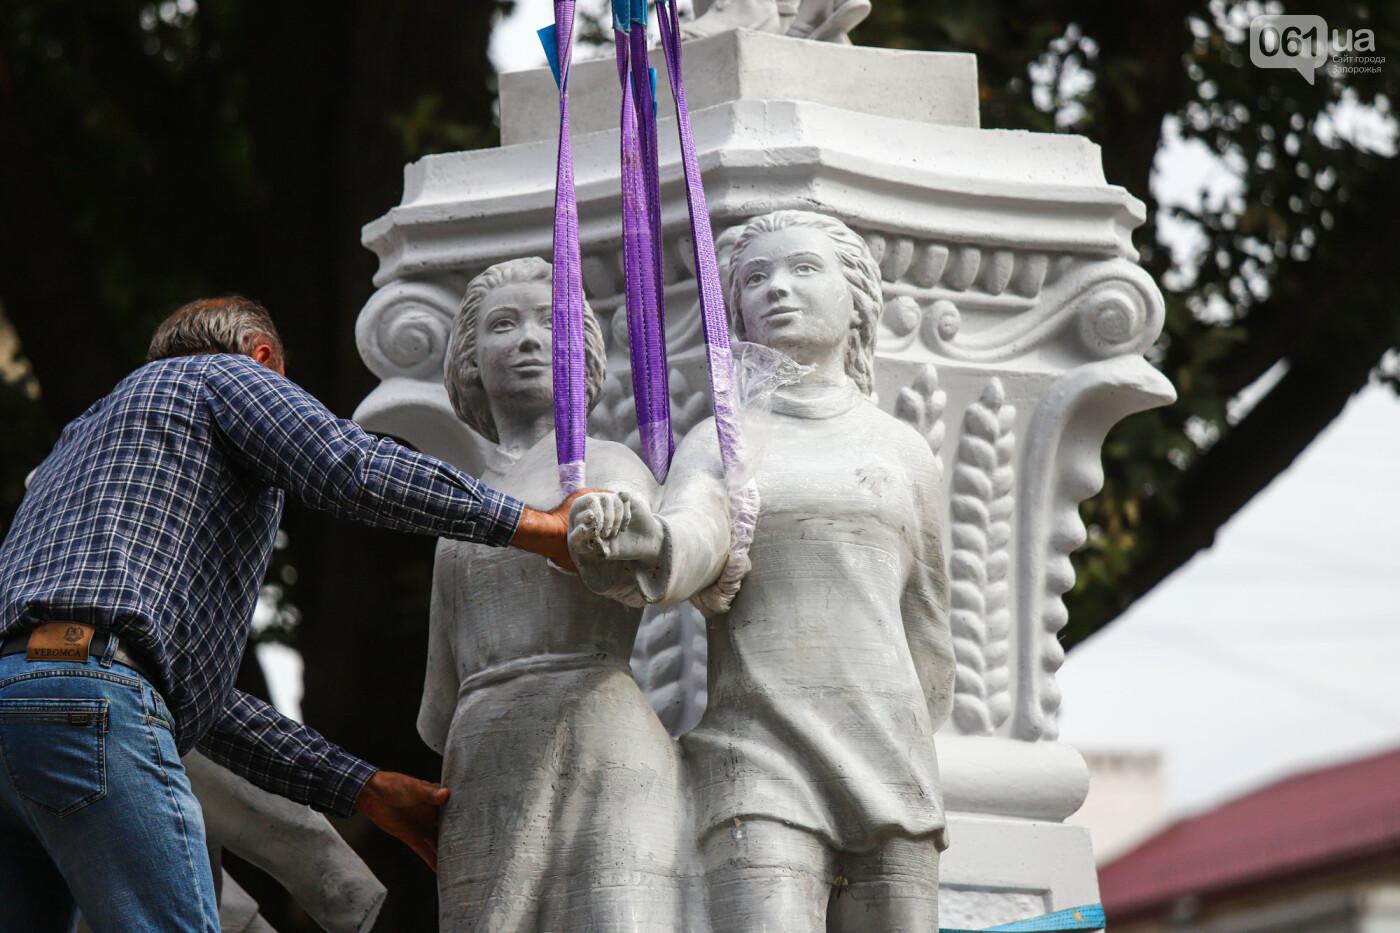 ЛГБТ-прайд, эко-митинг и восстановленные скульптуры в сквере Пионеров: сентябрь в фотографиях , фото-131